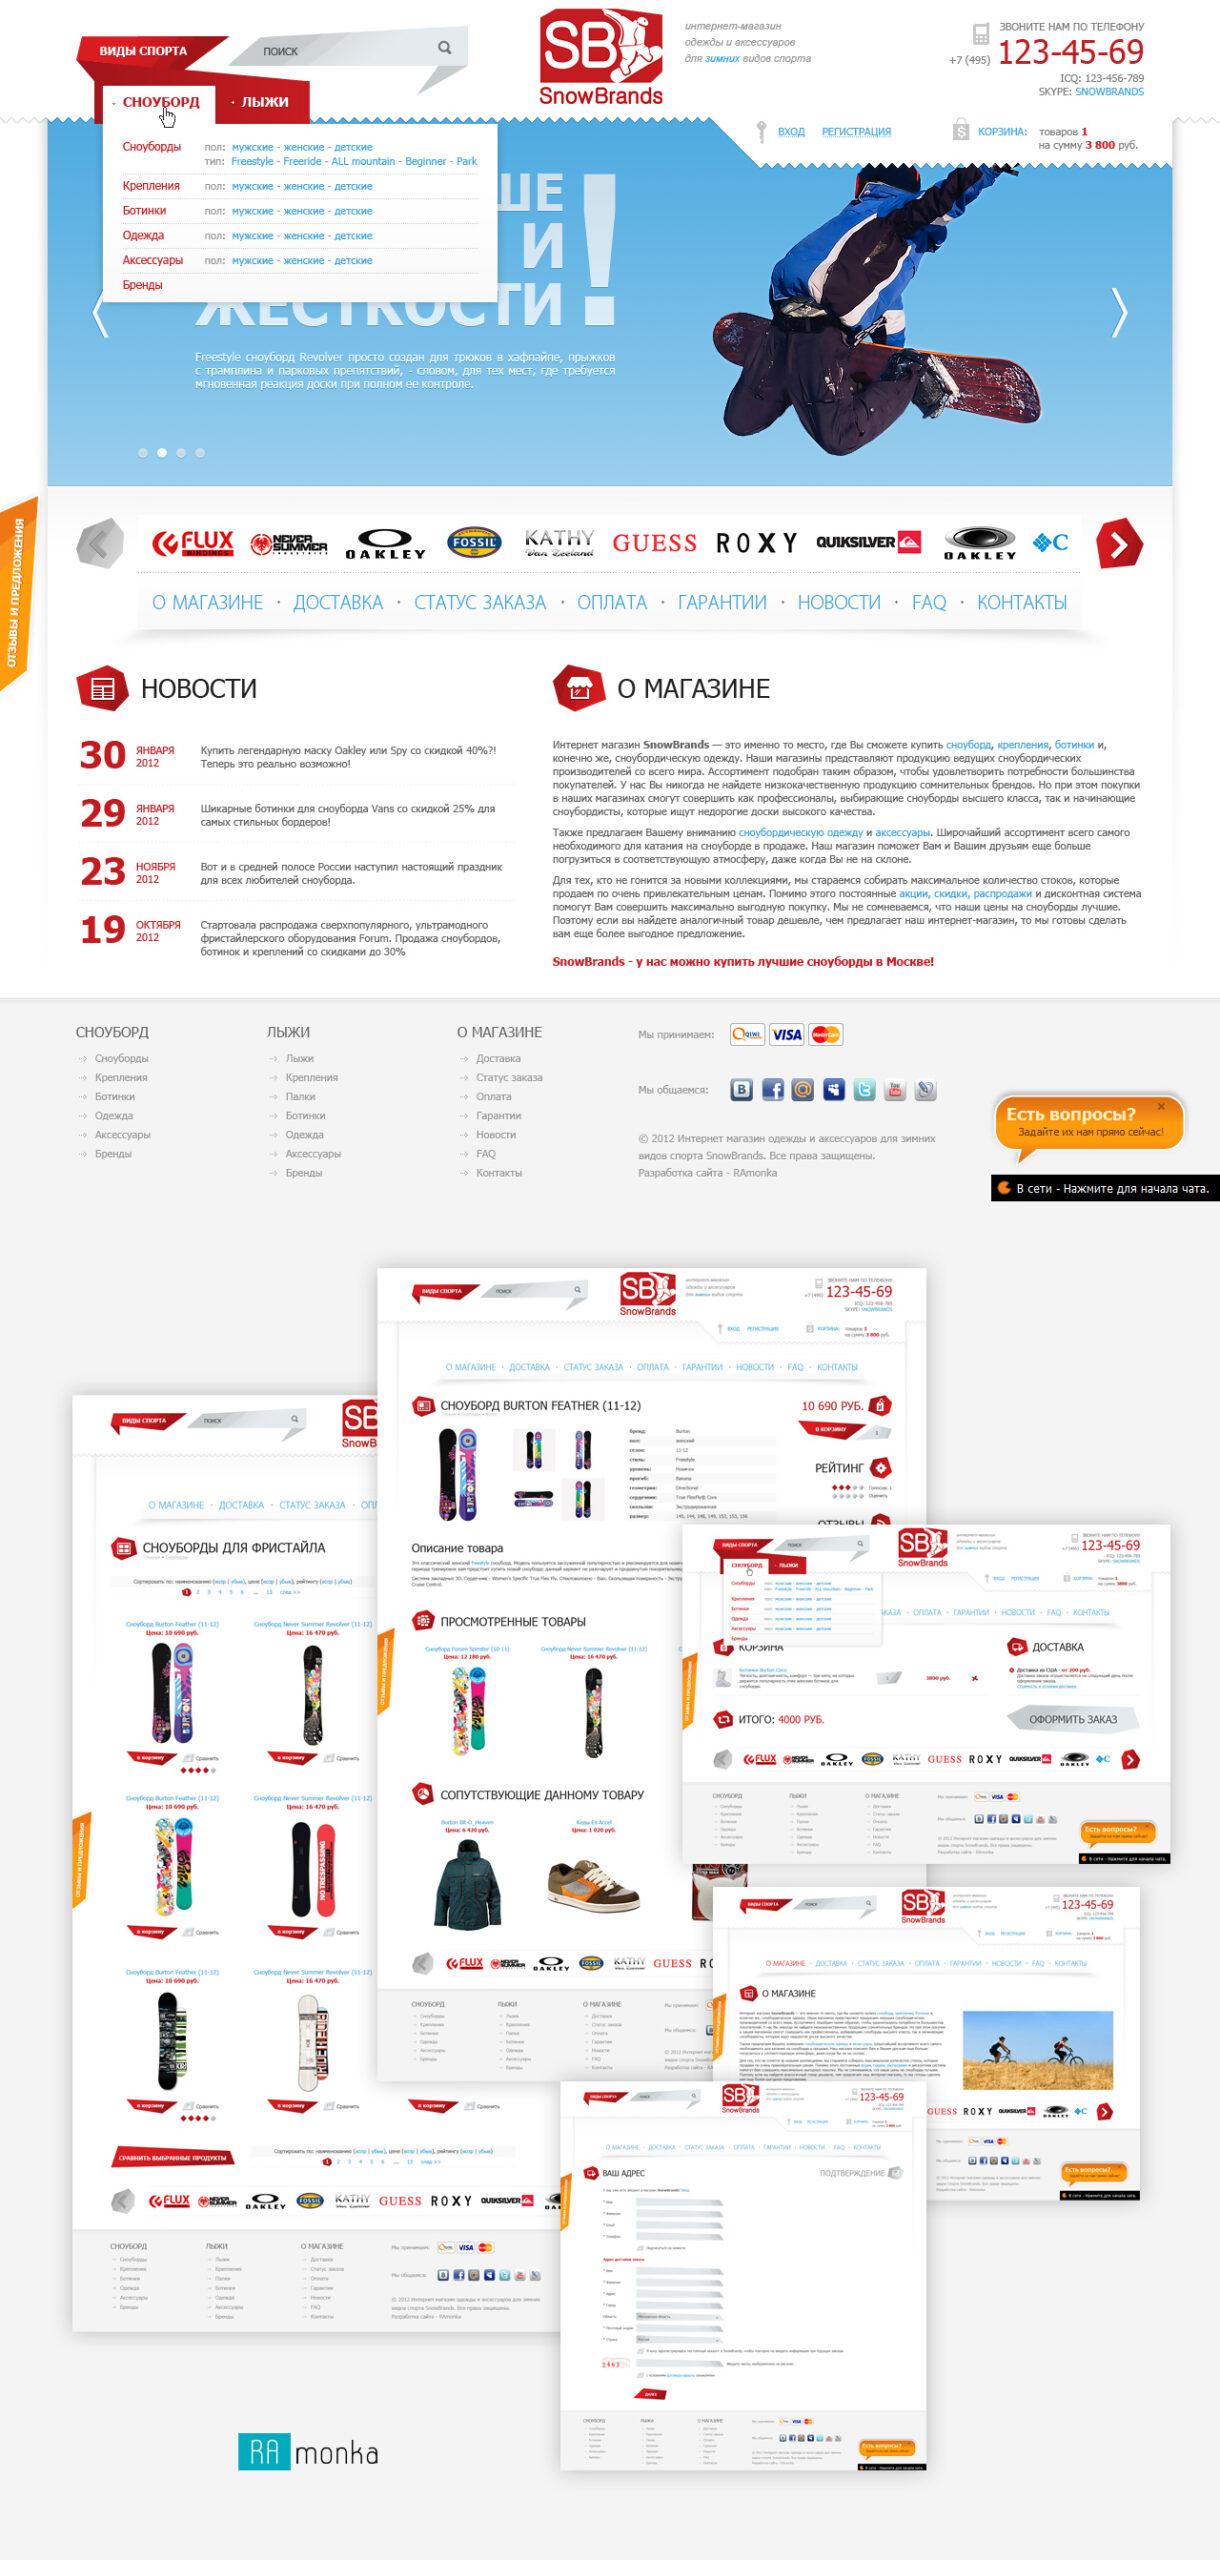 Разработка сайта под ключ на CMS WebAsyst Shop-Script интернет-магазина одежды и аксессуаров для зимних видов спорта SnowBrands